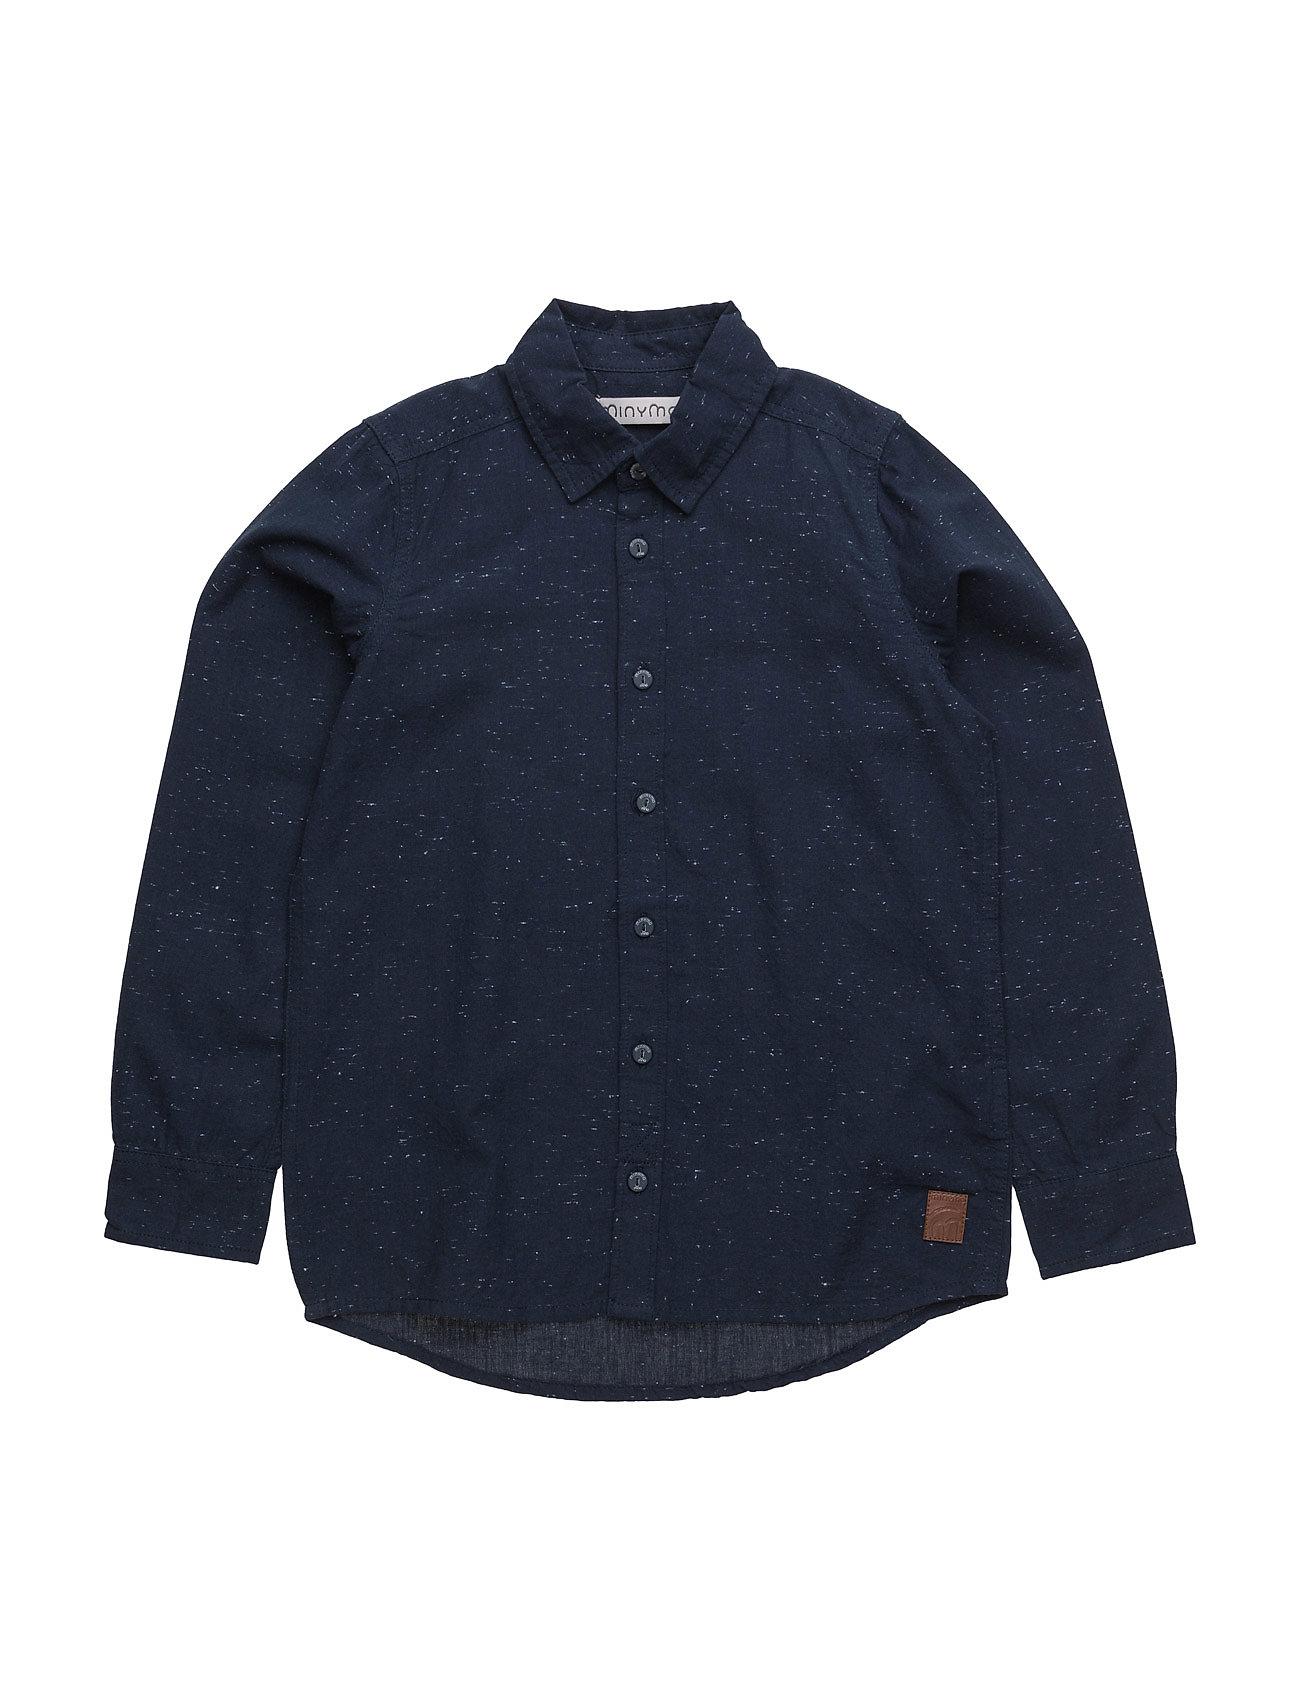 43 - Shirt Ls Melange Minymo  til Børn i Mørk Navy